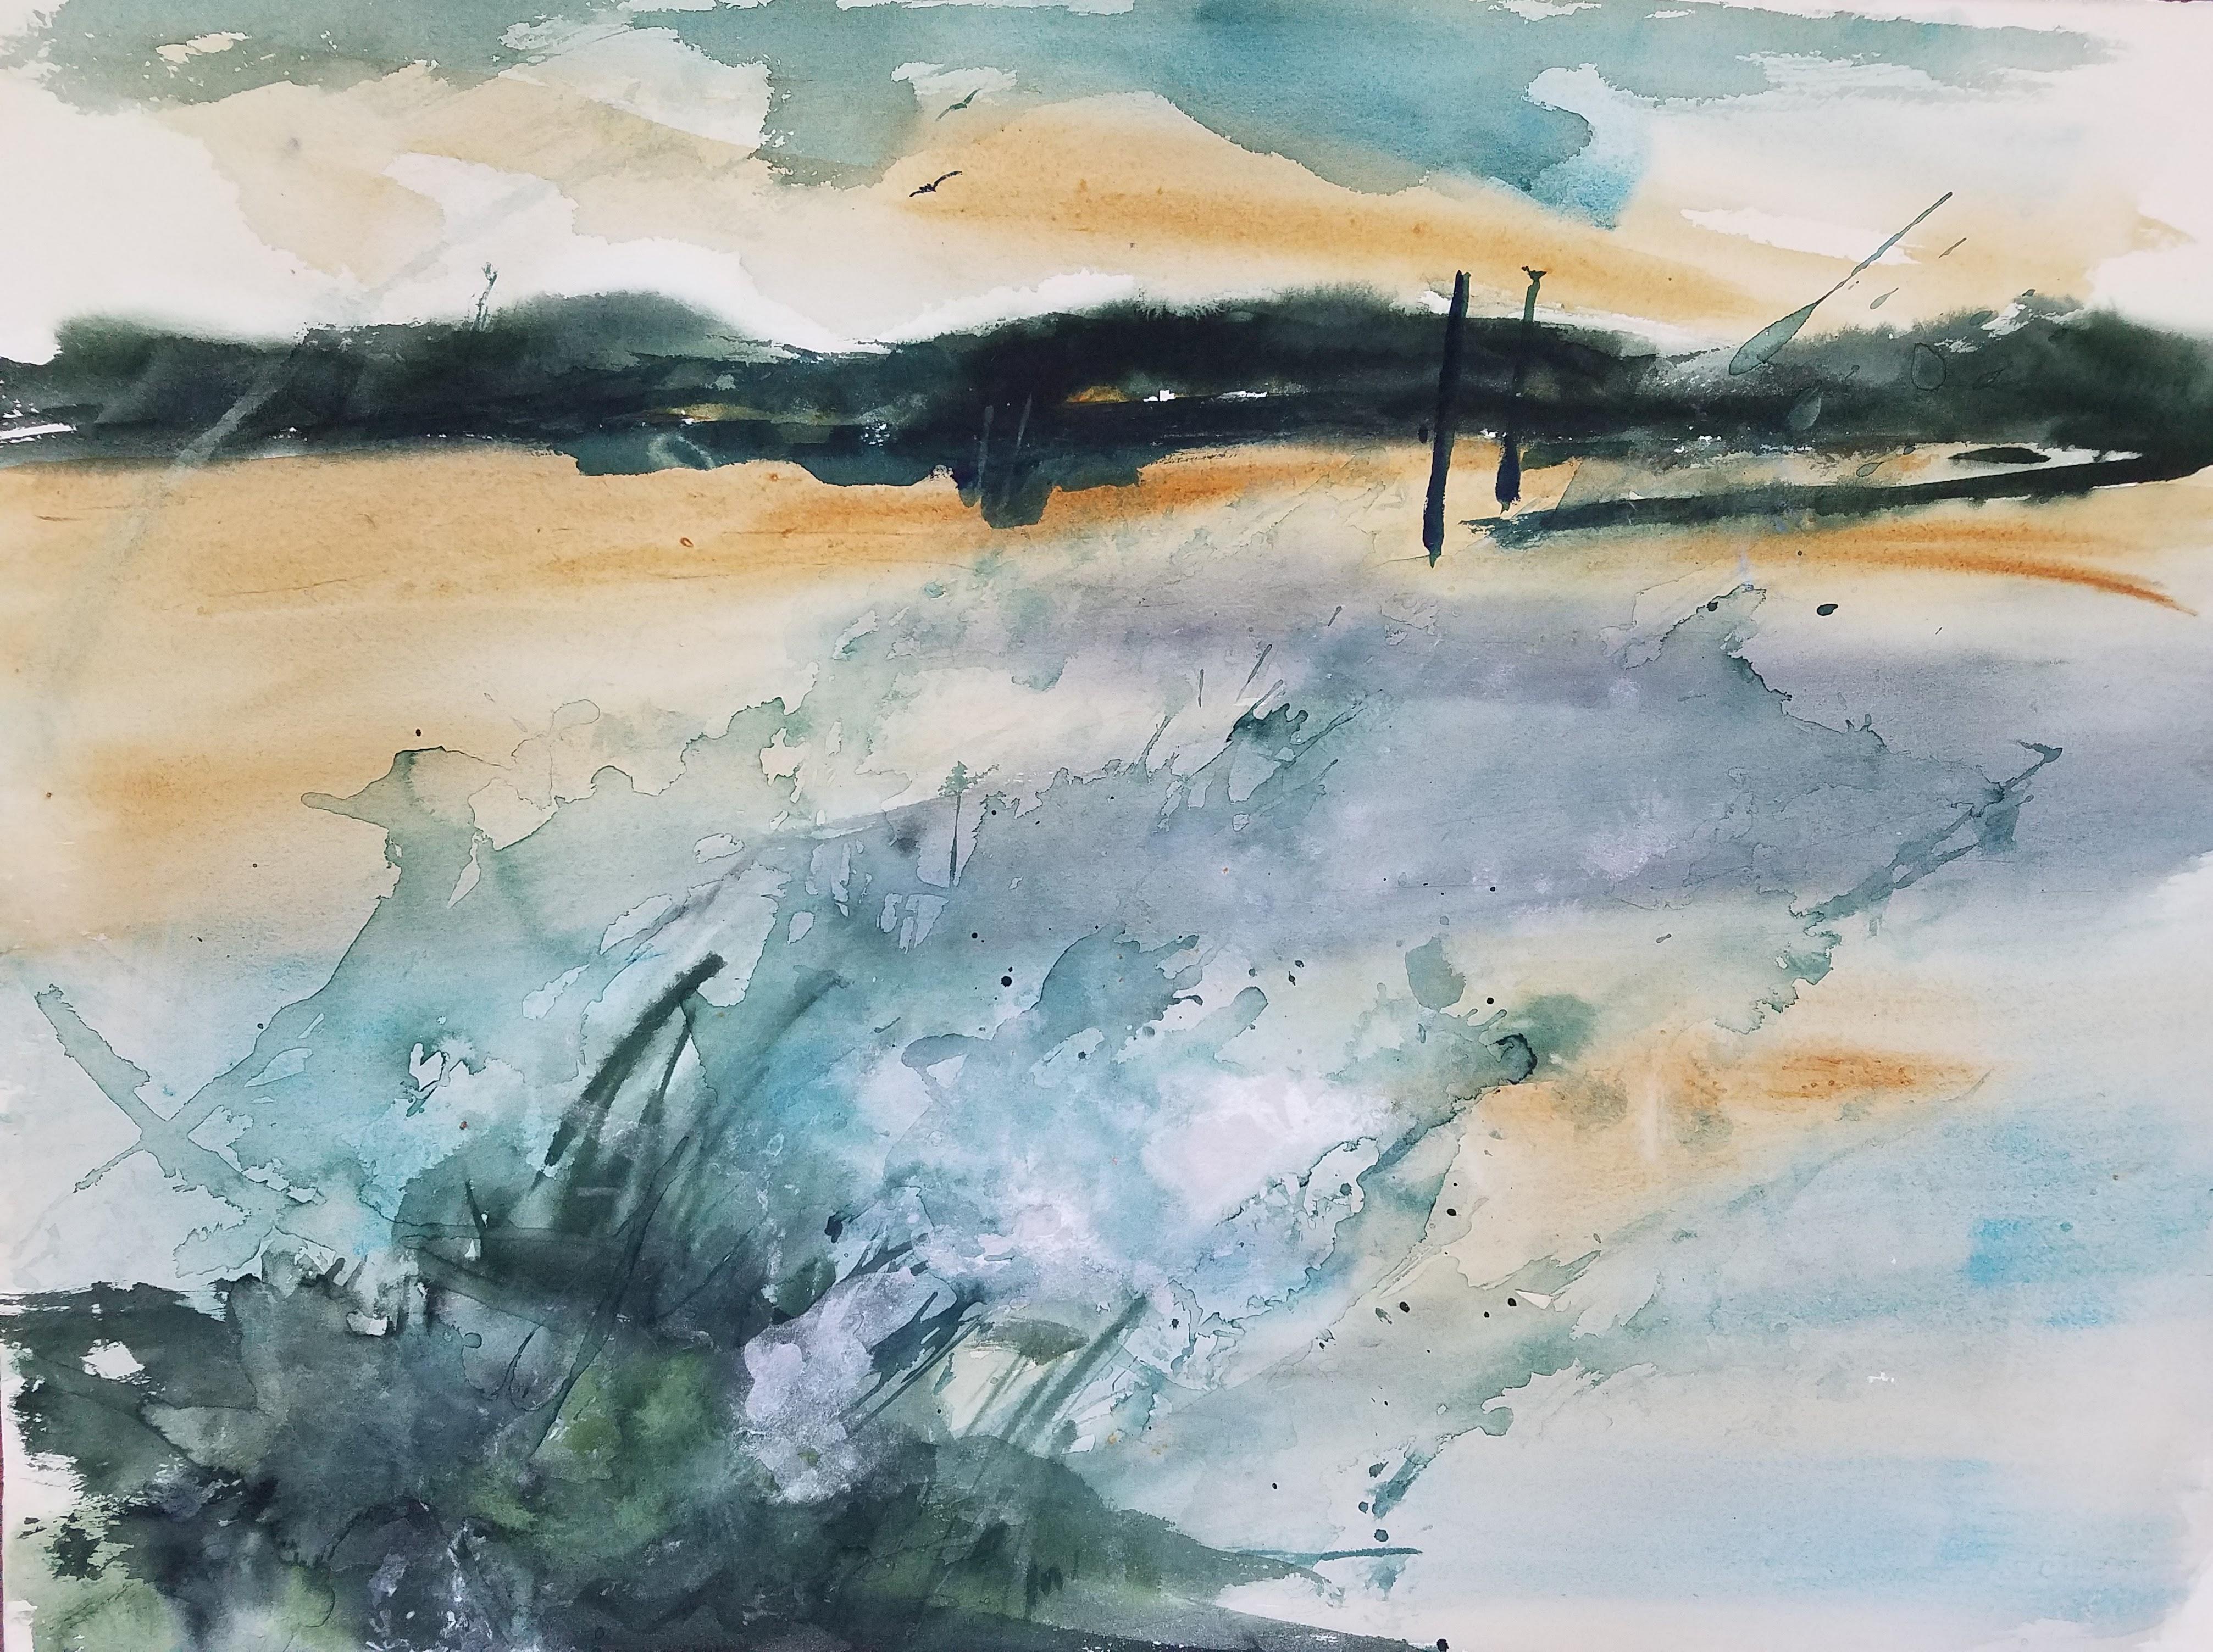 10) Windswept